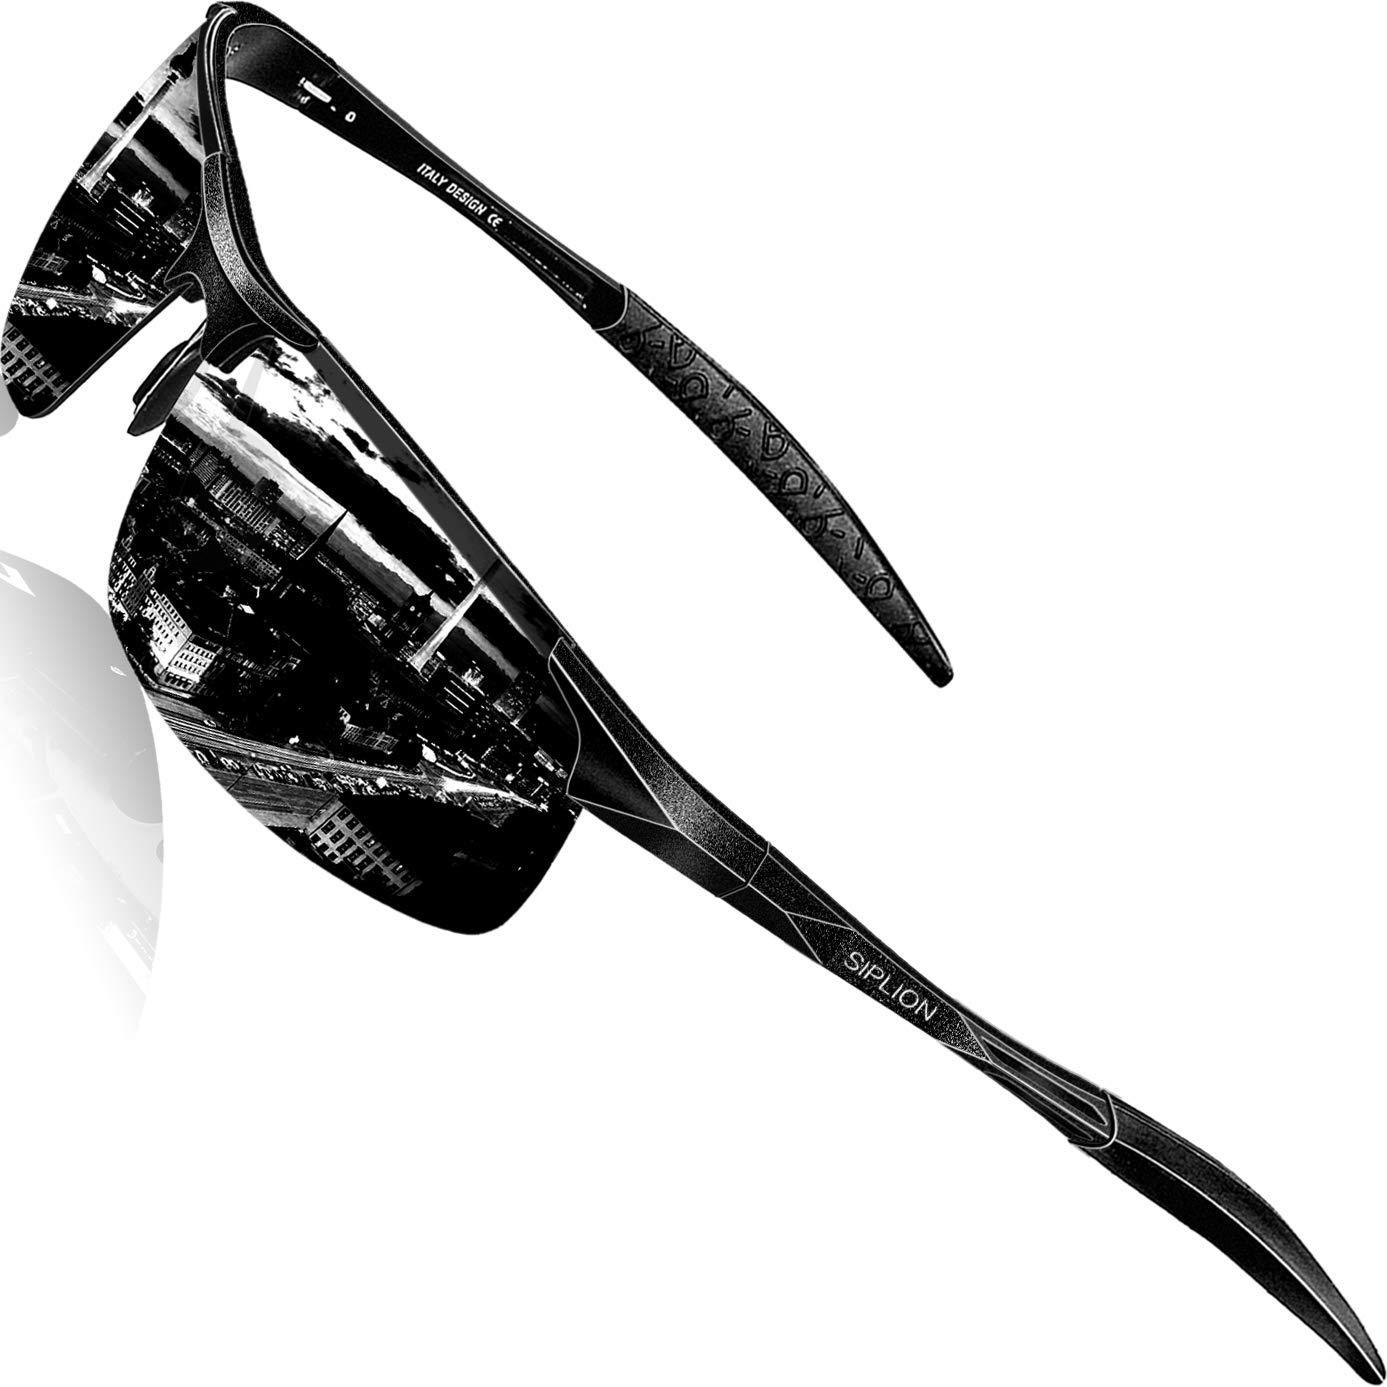 f2e814701509 SIPLION Men s Driving Polarized Sport Sunglasses Al-Mg Metal Frame Ultra  Light 8177 Black  Amazon.co.uk  Clothing